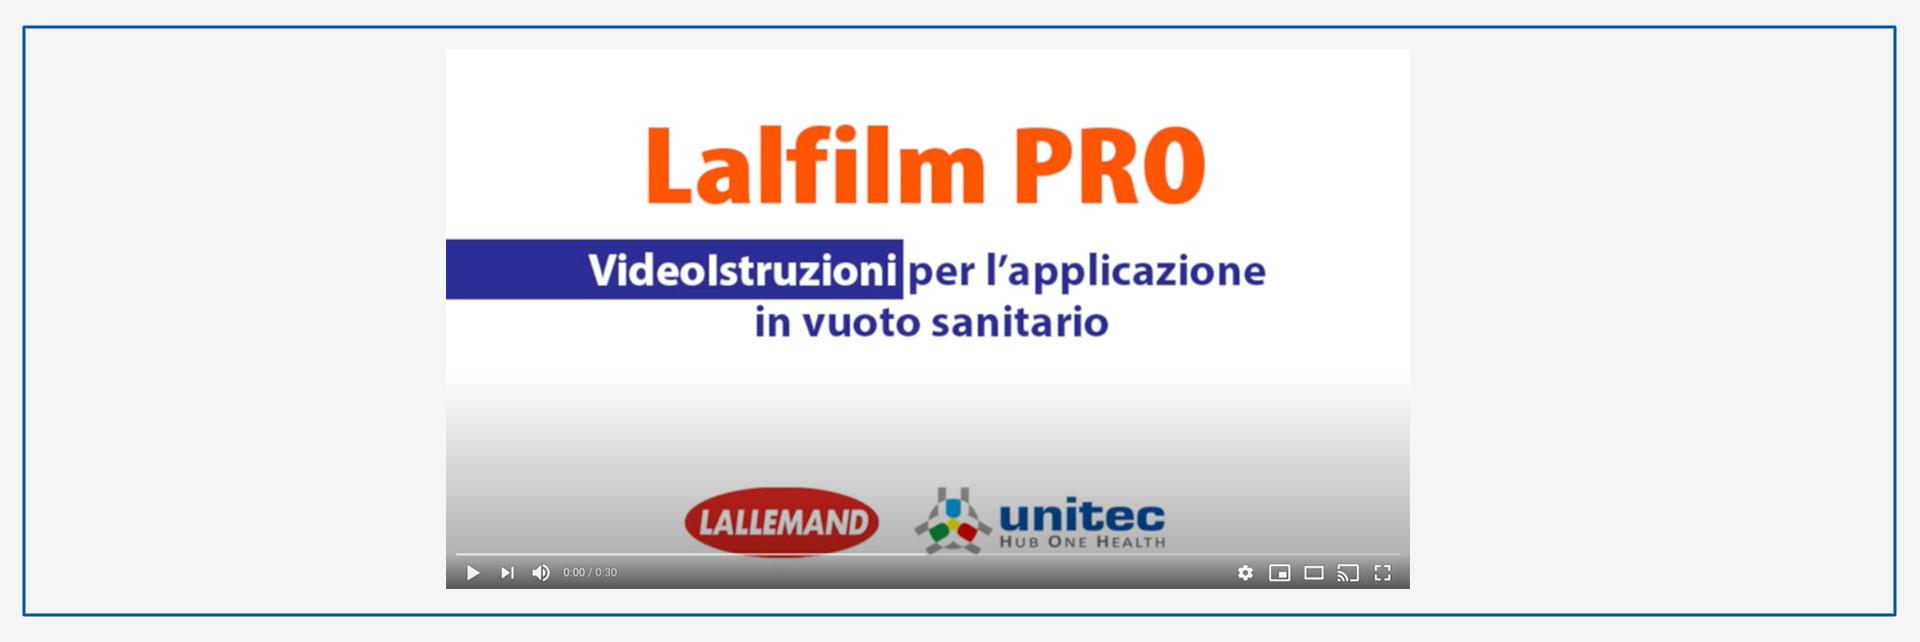 LalFilm PRO: VideoIstruzioni per l'applicazione in vuoto sanitario